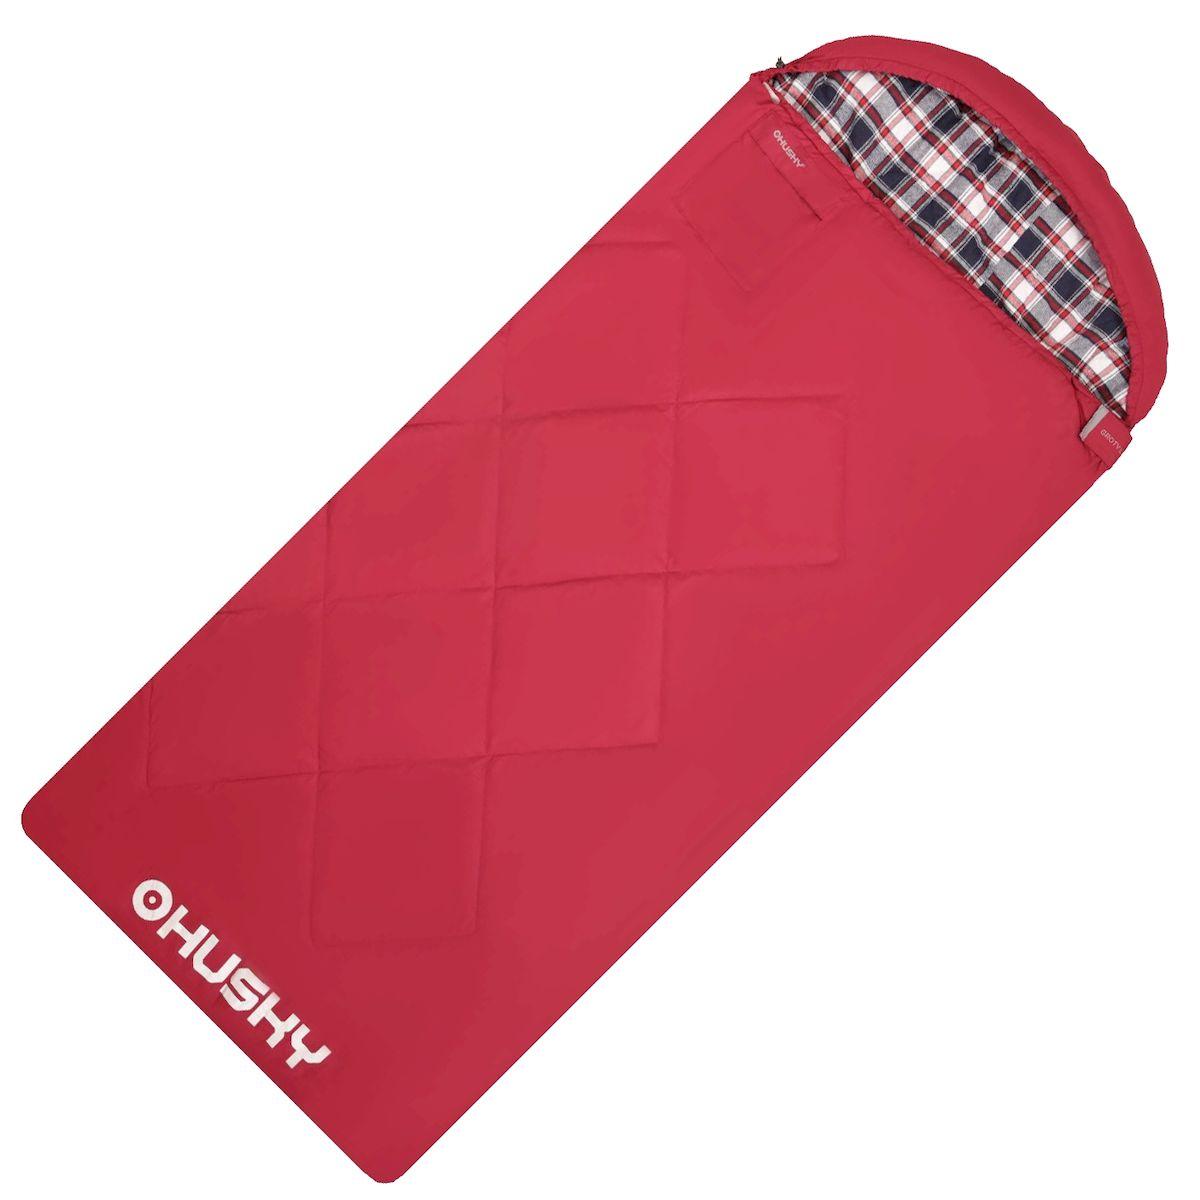 Спальник - одеяло Husky GROTY LADY -5С, правая молния, цвет: красныйУТ-000069832Спальник-одеяло с подголовником женский до -5°C (НОВИНКА) GROTY LADY Двухслойный женский спальный мешок-одеяло для кемпинга. Утеплитель из 4-х канального холофайбера, превосходная комбинация теплового комфорта с комфортом традиционного спального мешка-одеяла. Groty можно использовать не только на природе, но и в помещении как традиционное одеяло. Размеры: 85х200 см Размеры в сложенном виде: 45х35х17 см Вес: 2450 г Экстремальная температура: -5 С Комфортная температура: -0 С ... +5 С - Внешний материал: Pongee 75D 210T (лен) - Внутренний материал: флис (полиэстер) - Утеплитель: 2 слоя 150 г/м2 HollowFibre, - Конструкция: два слоя - Компрессионный мешок - Петли для сушки